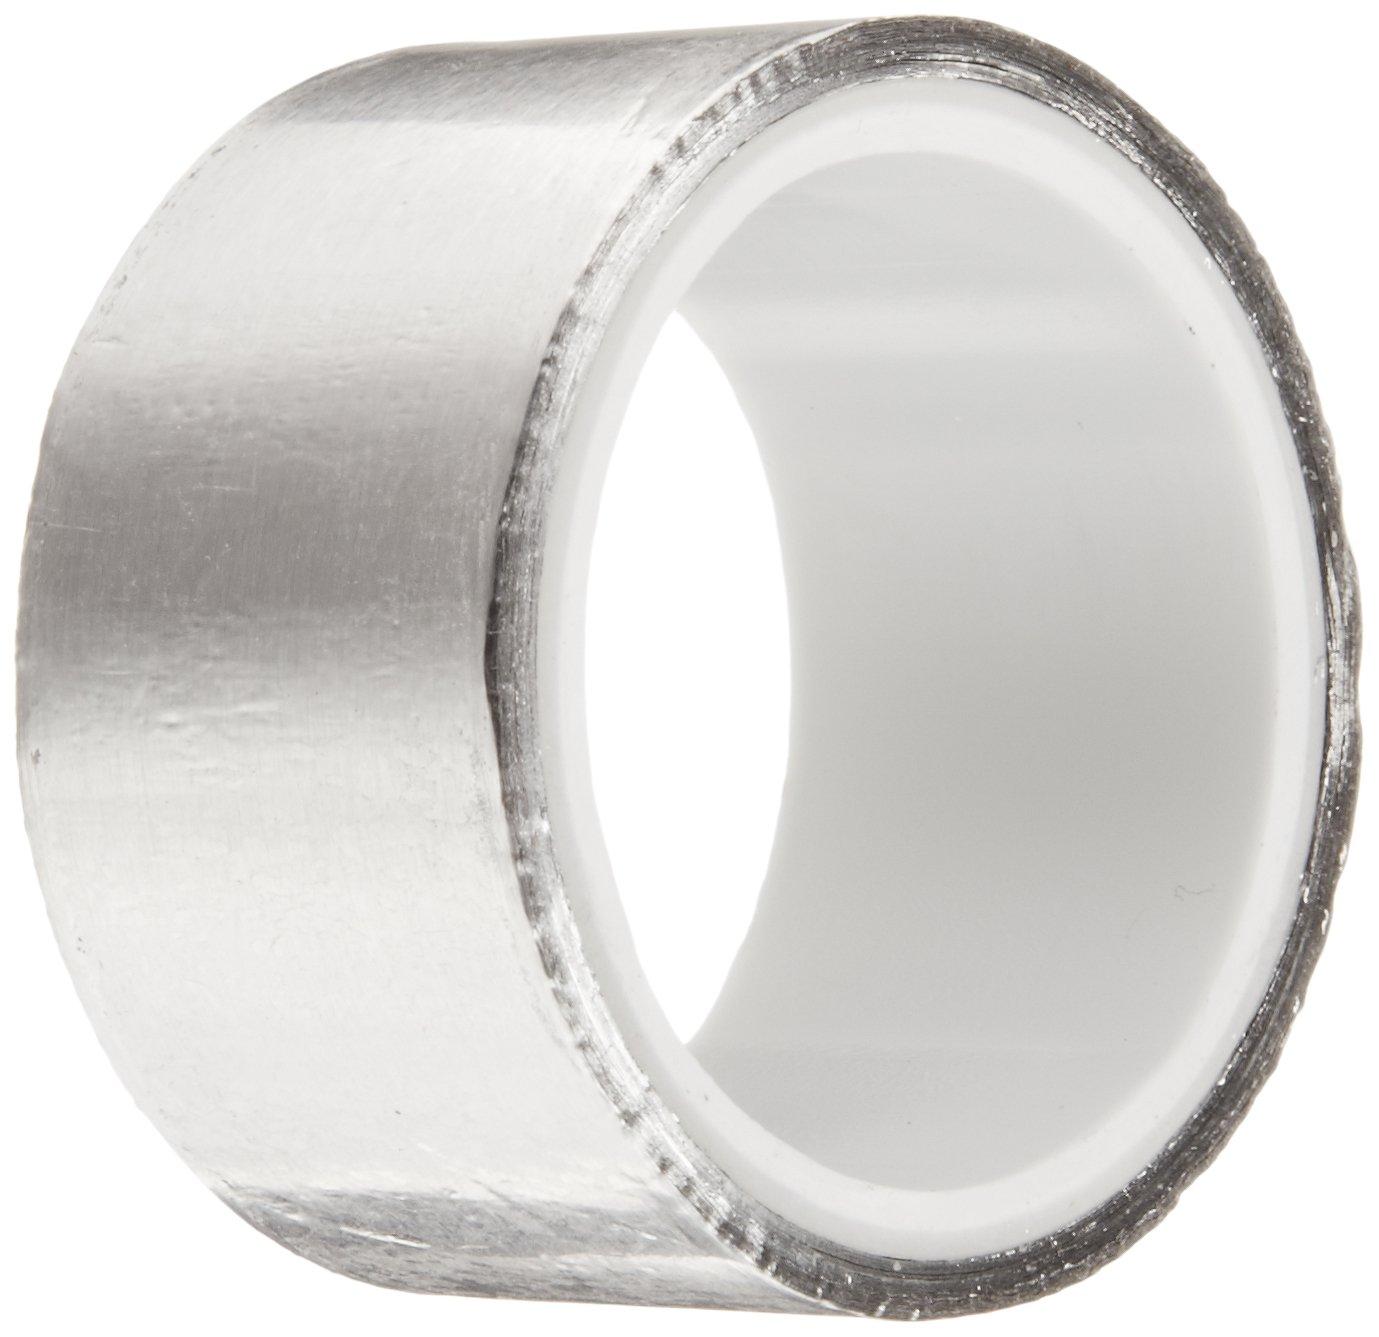 3M 4380 Shiny Silver Aluminum Foil Tape, 1